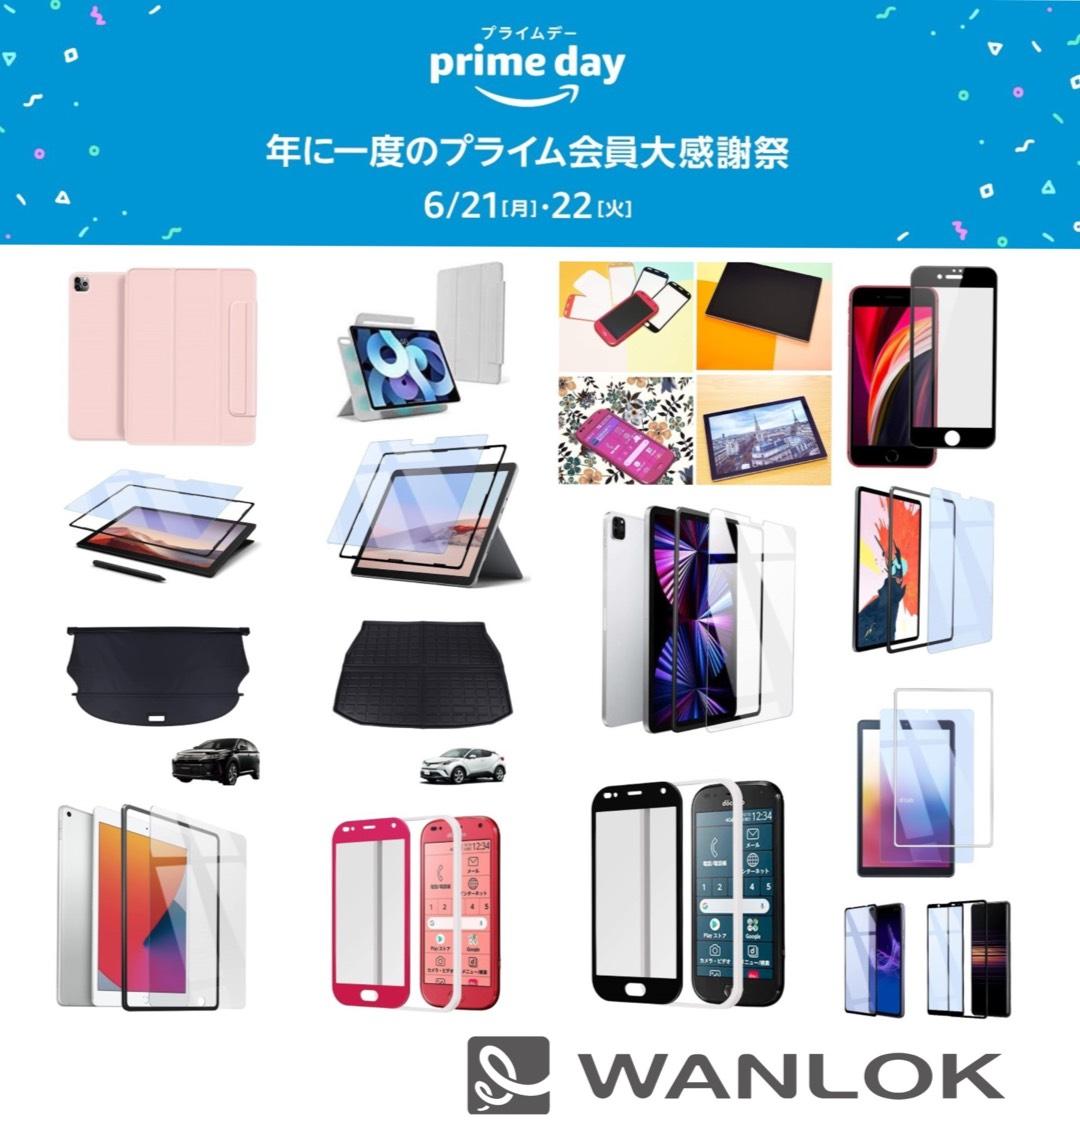 WANLOKも参戦『Amazonプライムデー』がついにスタート! 年に一度のビッグチャンス WANLOKからは人気タブレットやスマートフォンの保護フィルム、iPadケースも大特価販売